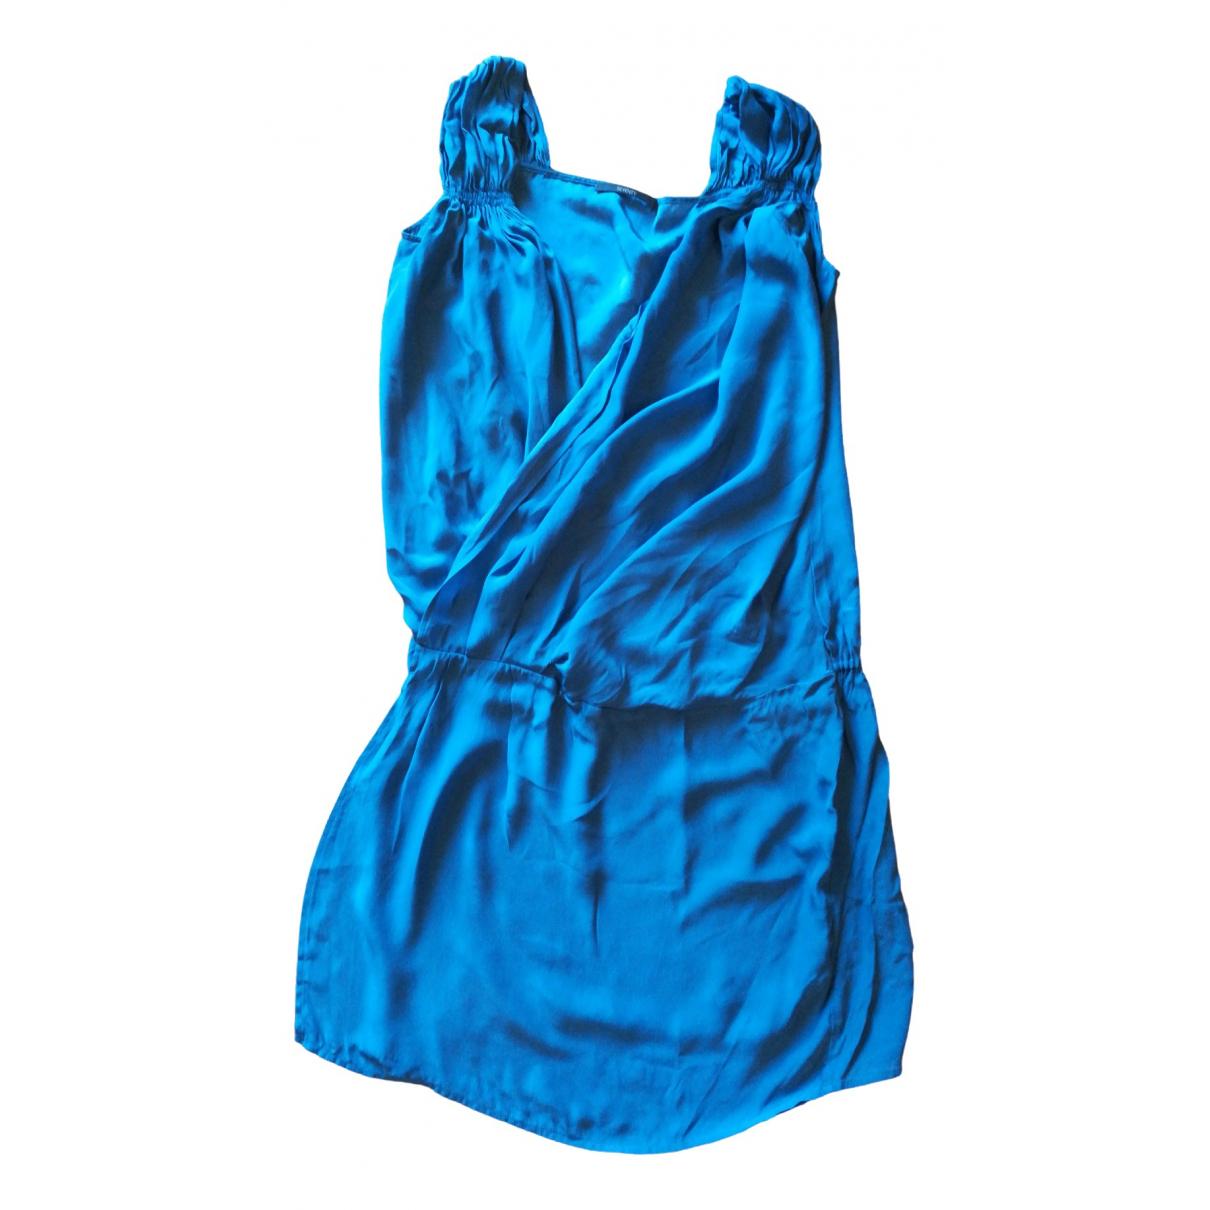 Seventy \N Blue dress for Women M International